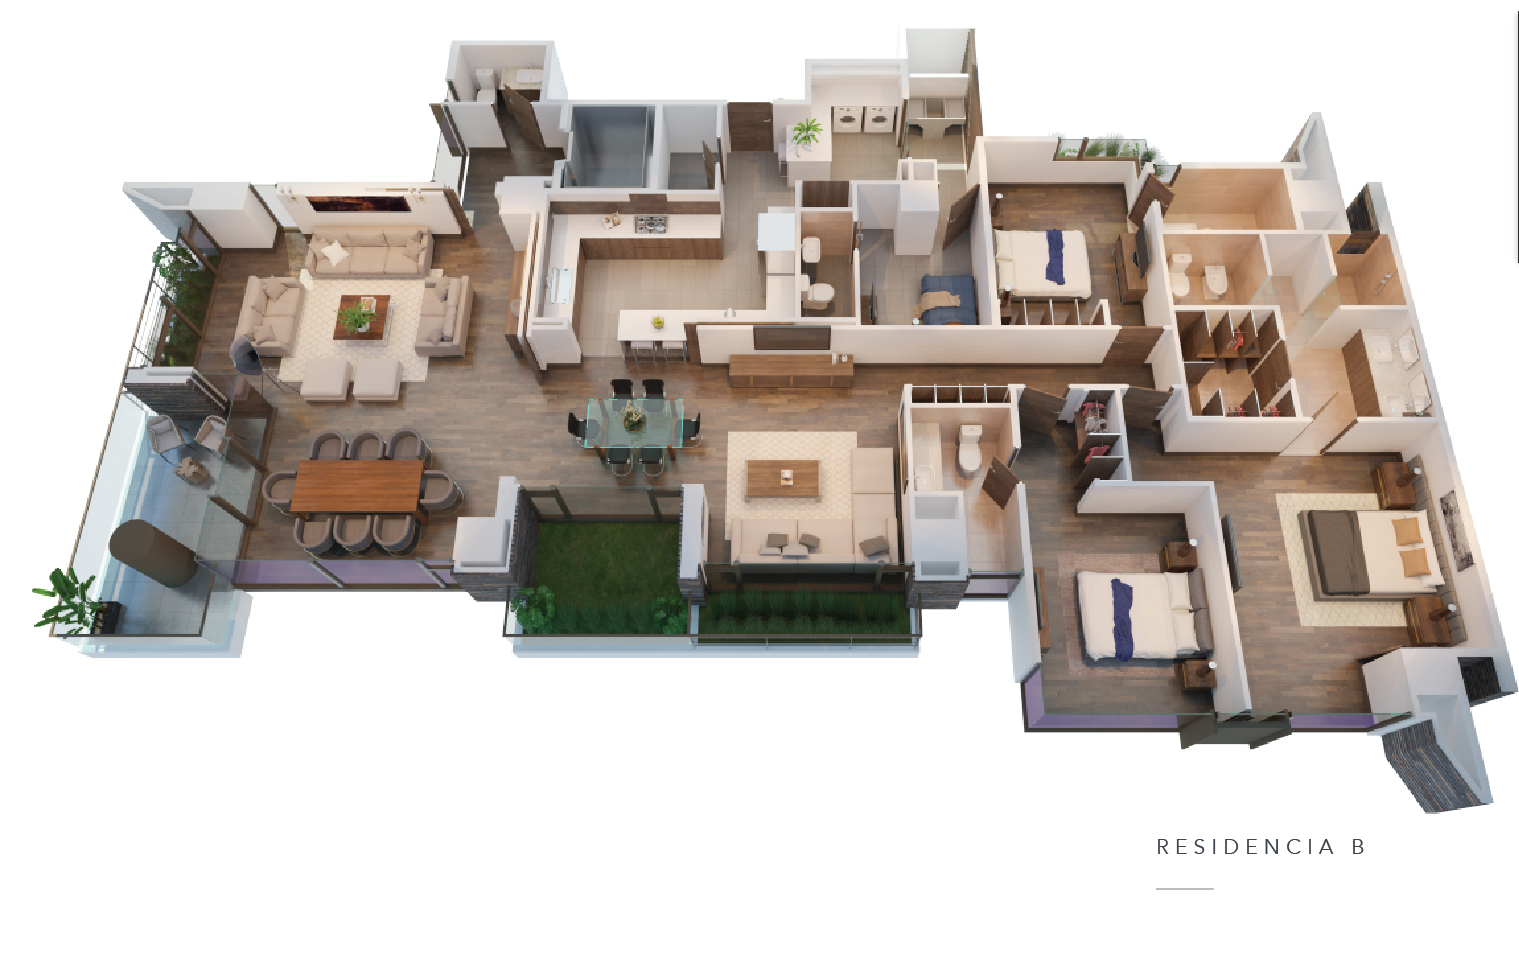 residencia tipo b-06.jpg